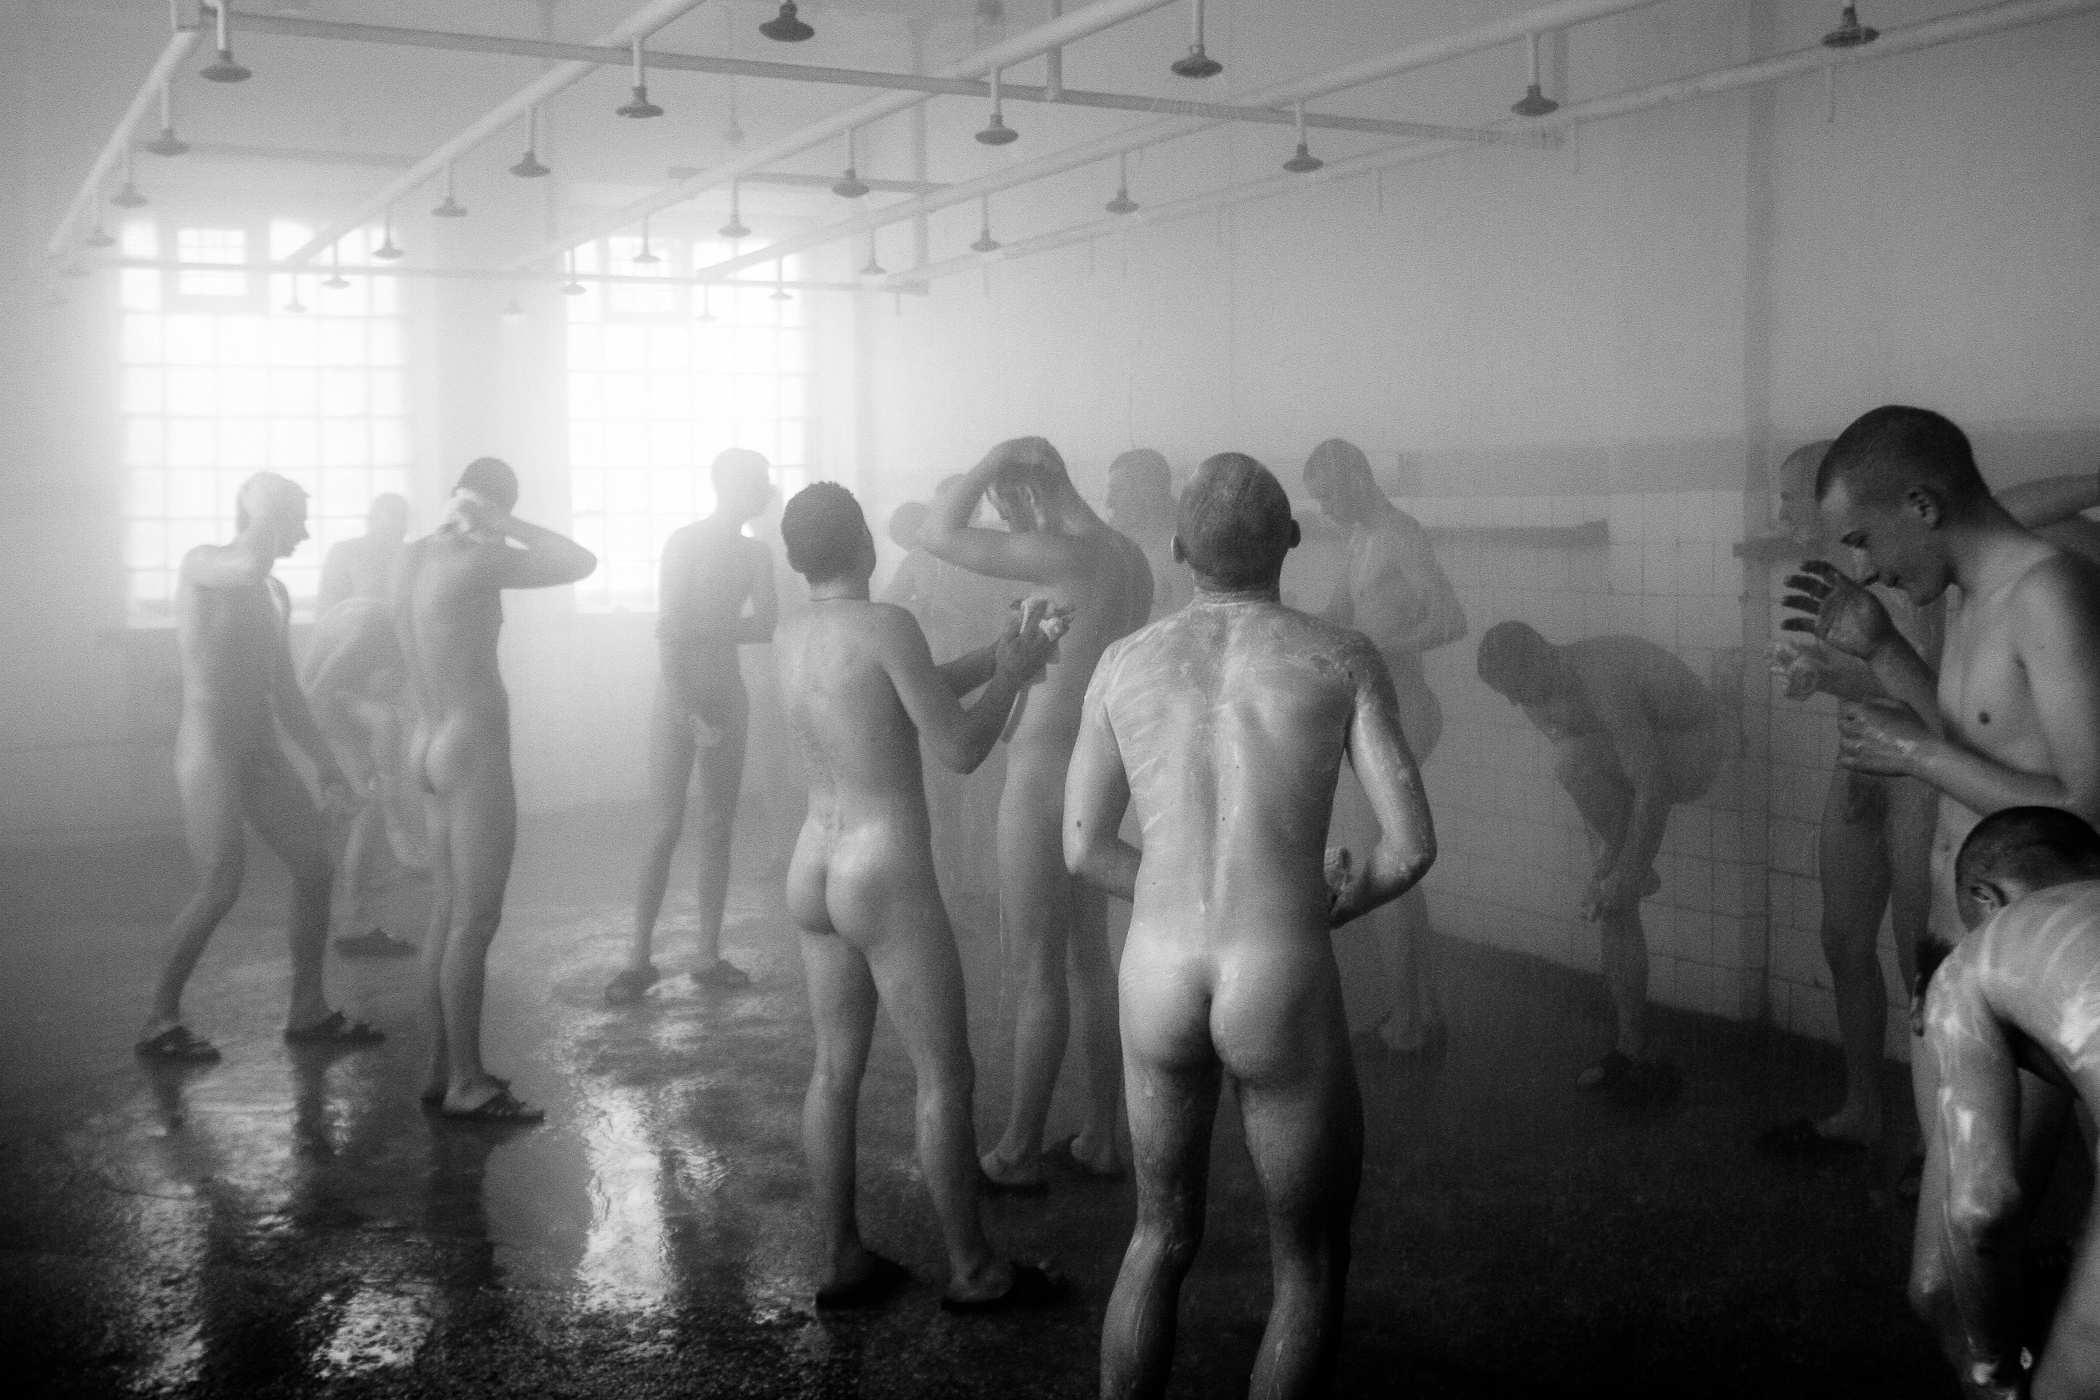 «Дембеля» в бане. Они моются в отдельном помещении, в отдельной душевой. Так положено по иерархии дедовщины, то есть неуставных отношений.